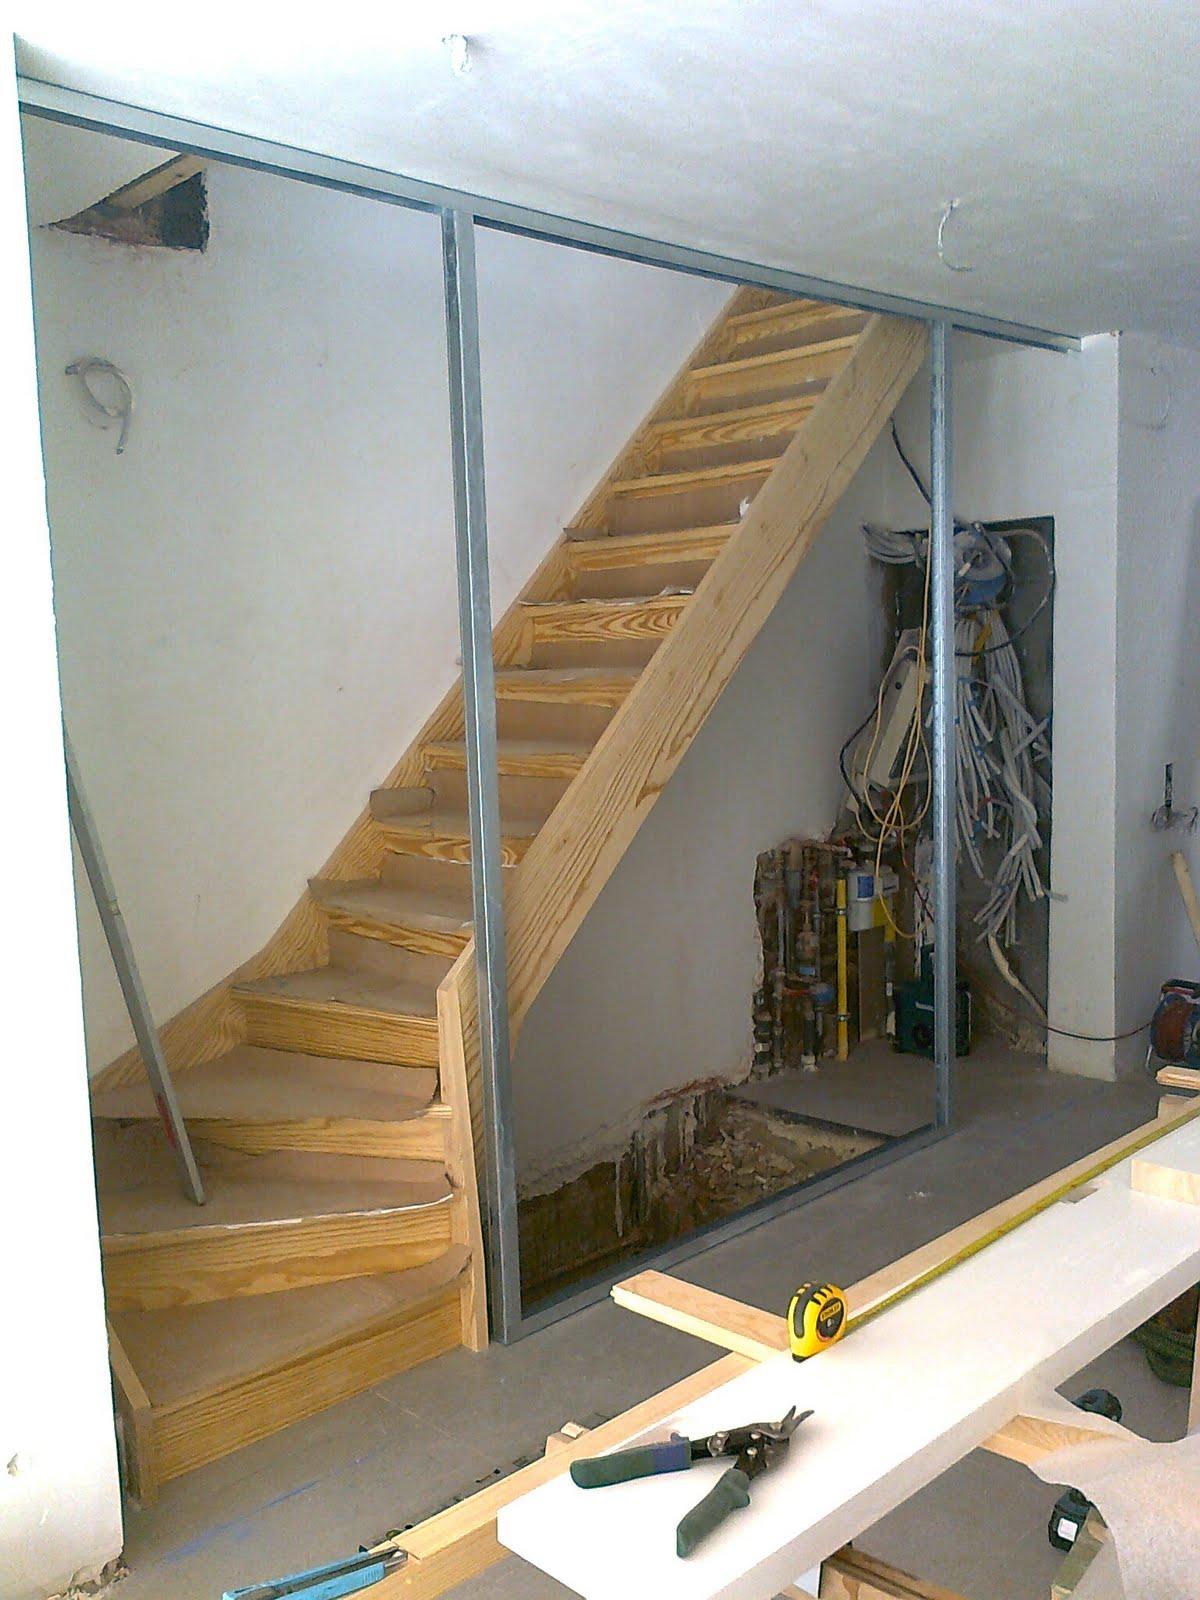 Lj woodworks escalier en yellow pine cloison gyproc - Porte coulissante dans cloison gyproc ...